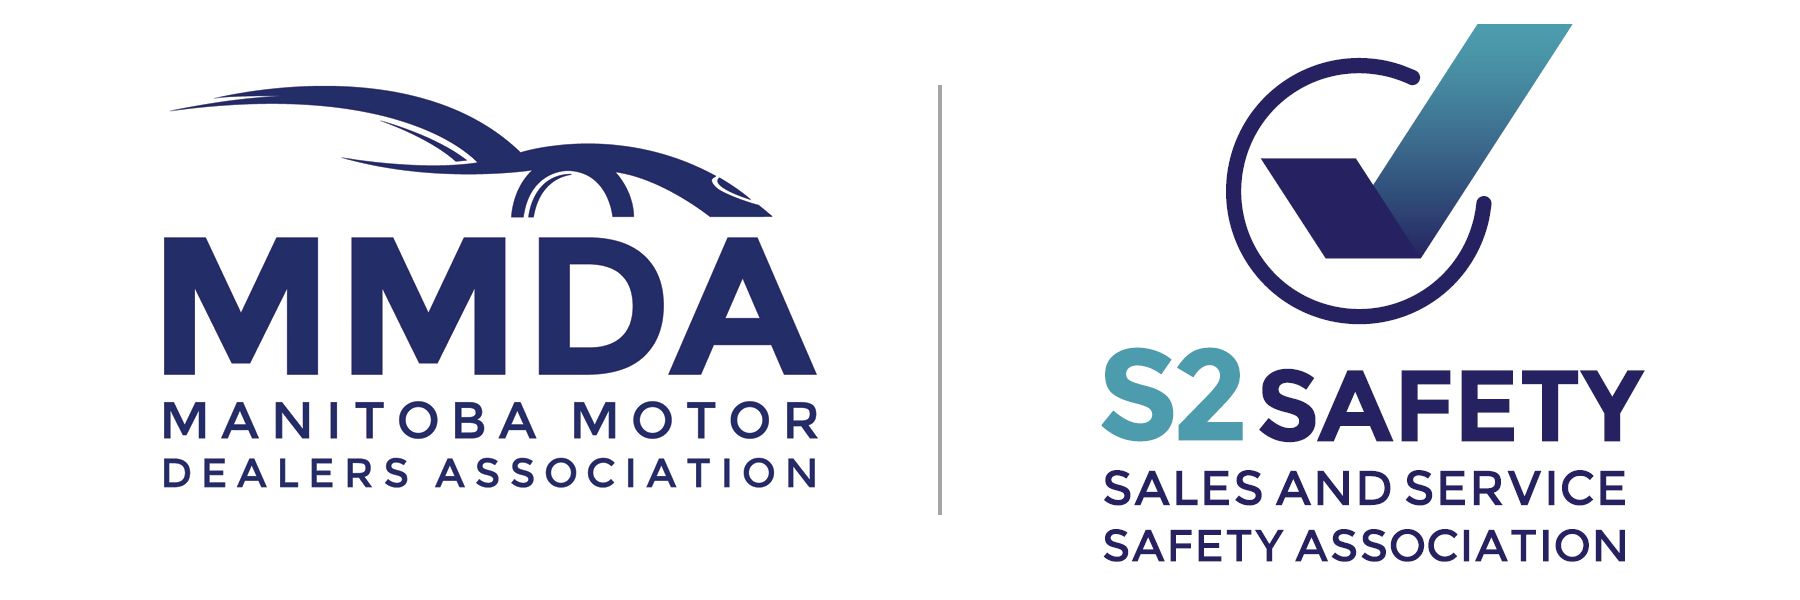 Manitoba Motor Dealers Association – S2 Safety